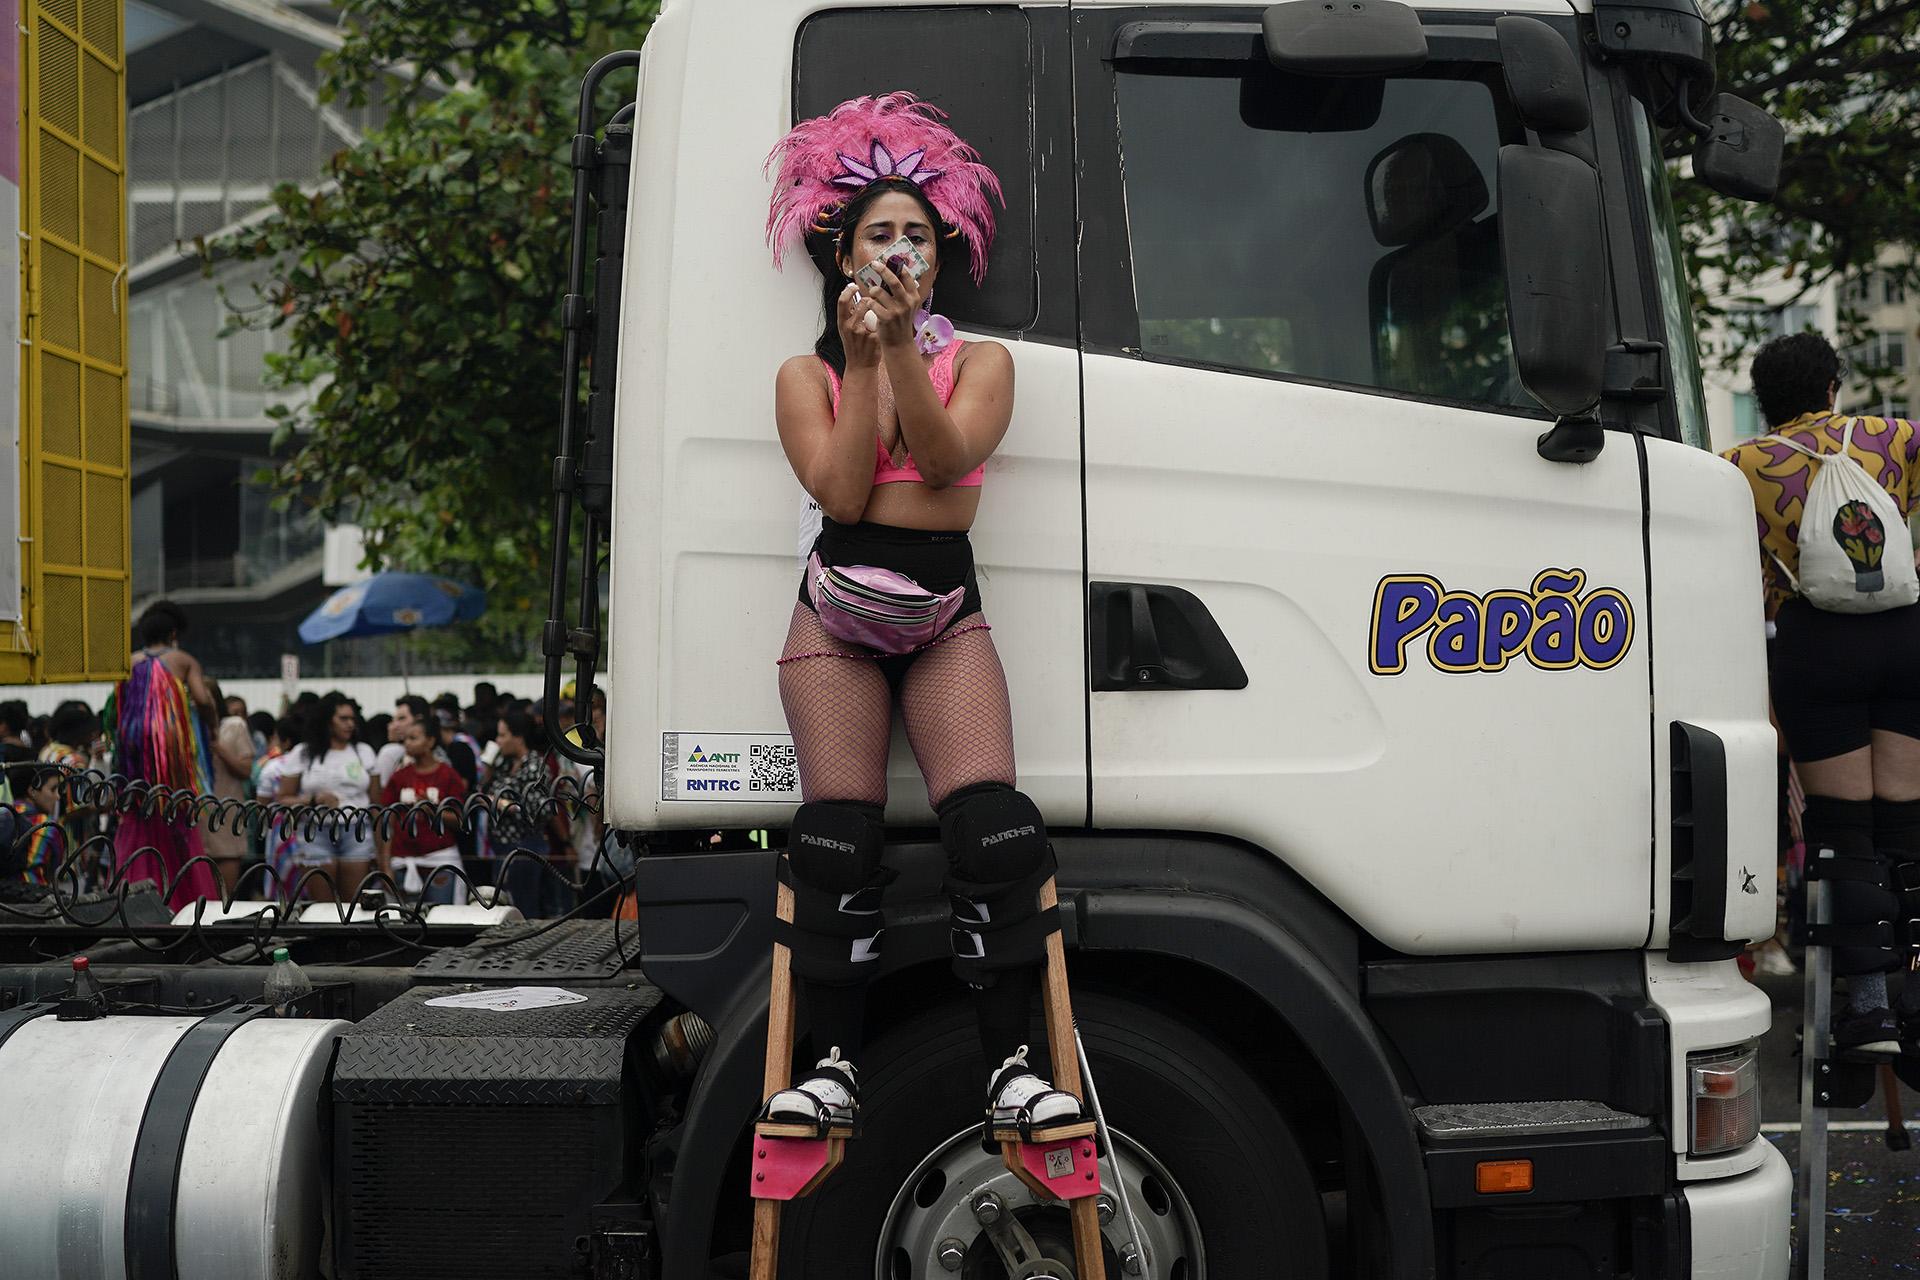 Una mujer en zancos retoca su maquillaje durante el desfile. (Foto AP / Leo Correa)